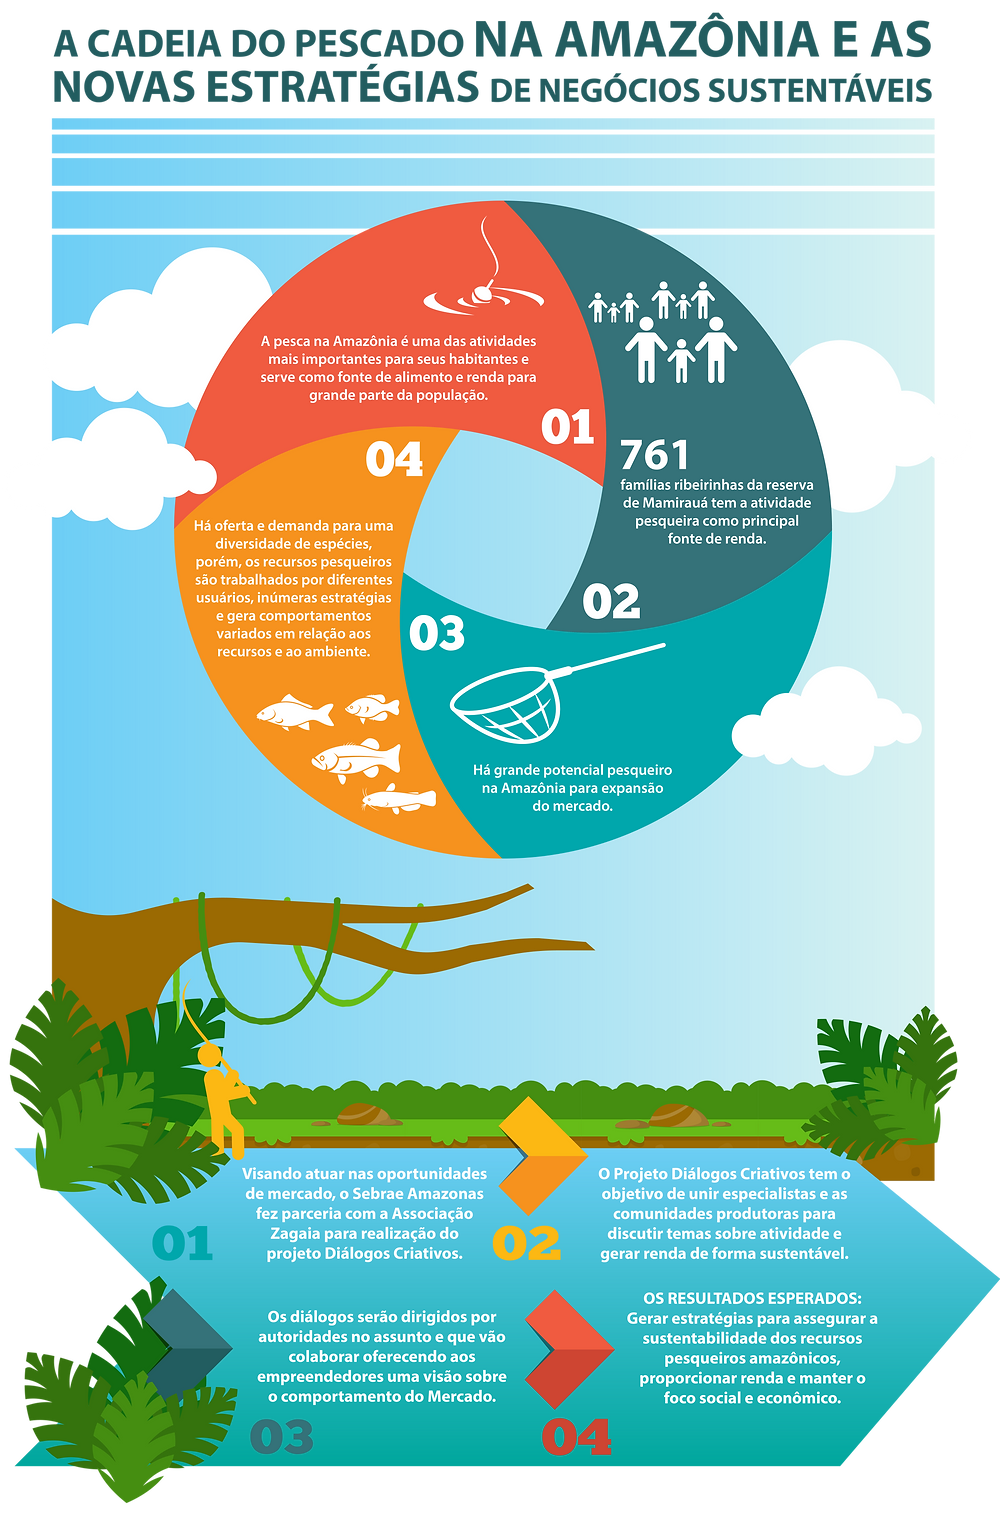 A cadeia do pescado na Amazônia e as novas estratégias de negócios sustentáveis